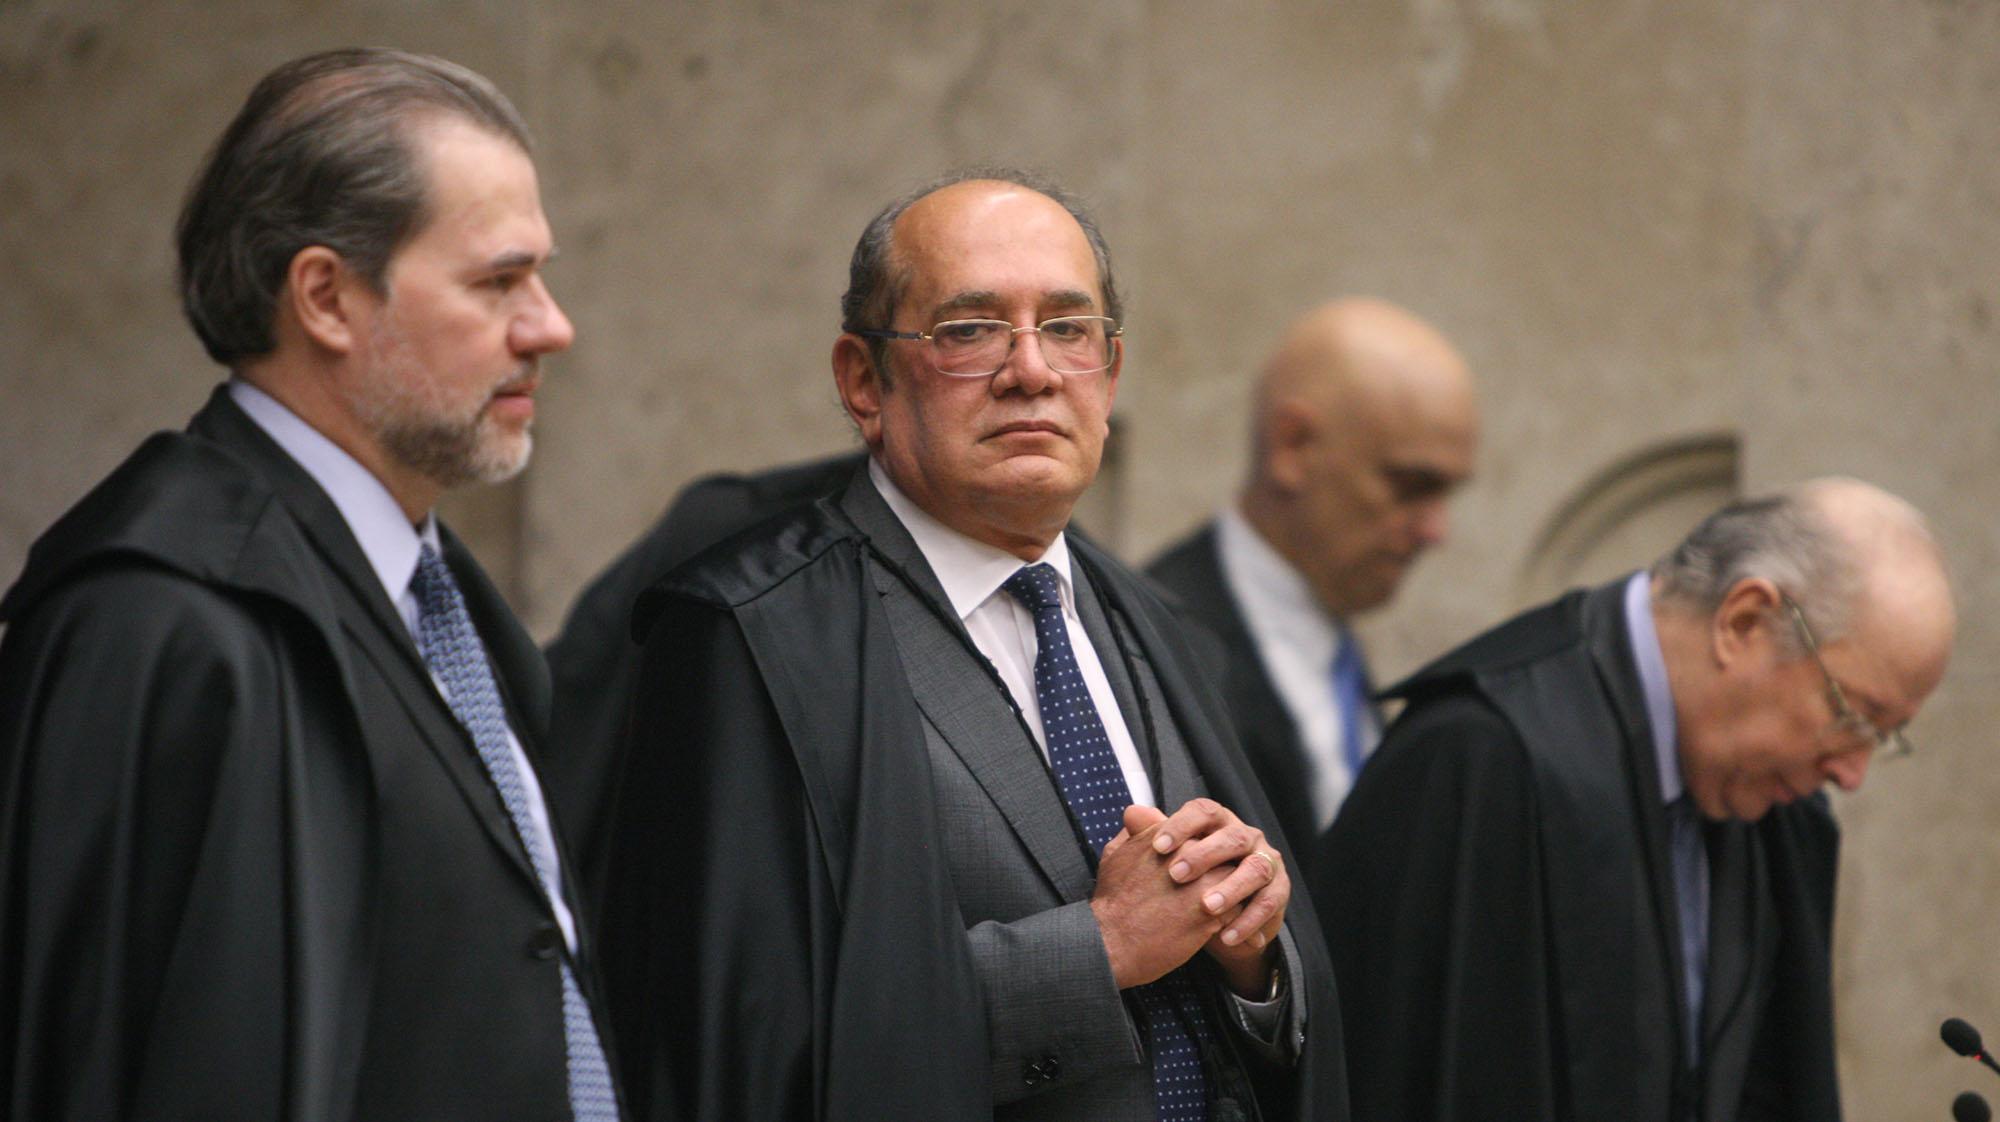 08.08.2018 - Brasília/DF - O STF elegeu Dias Toffoli para presidir o Tribunal e o Conselho Nacional de Justiça até 2020. Foto: Nelson Jr./SCO/STF